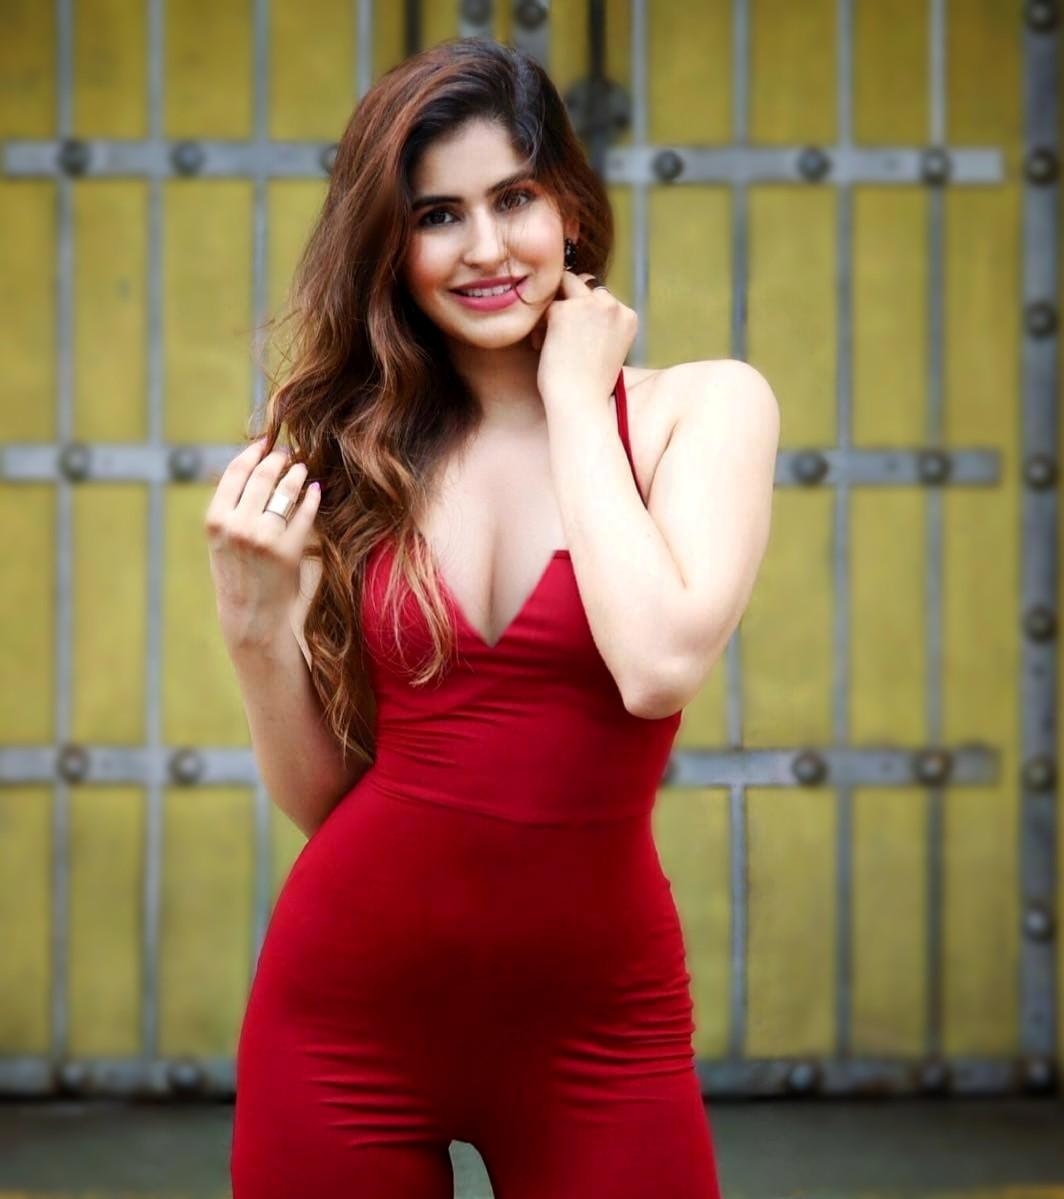 Sakshi Malik Hot Photos, Images Latest Hot Photoshoot